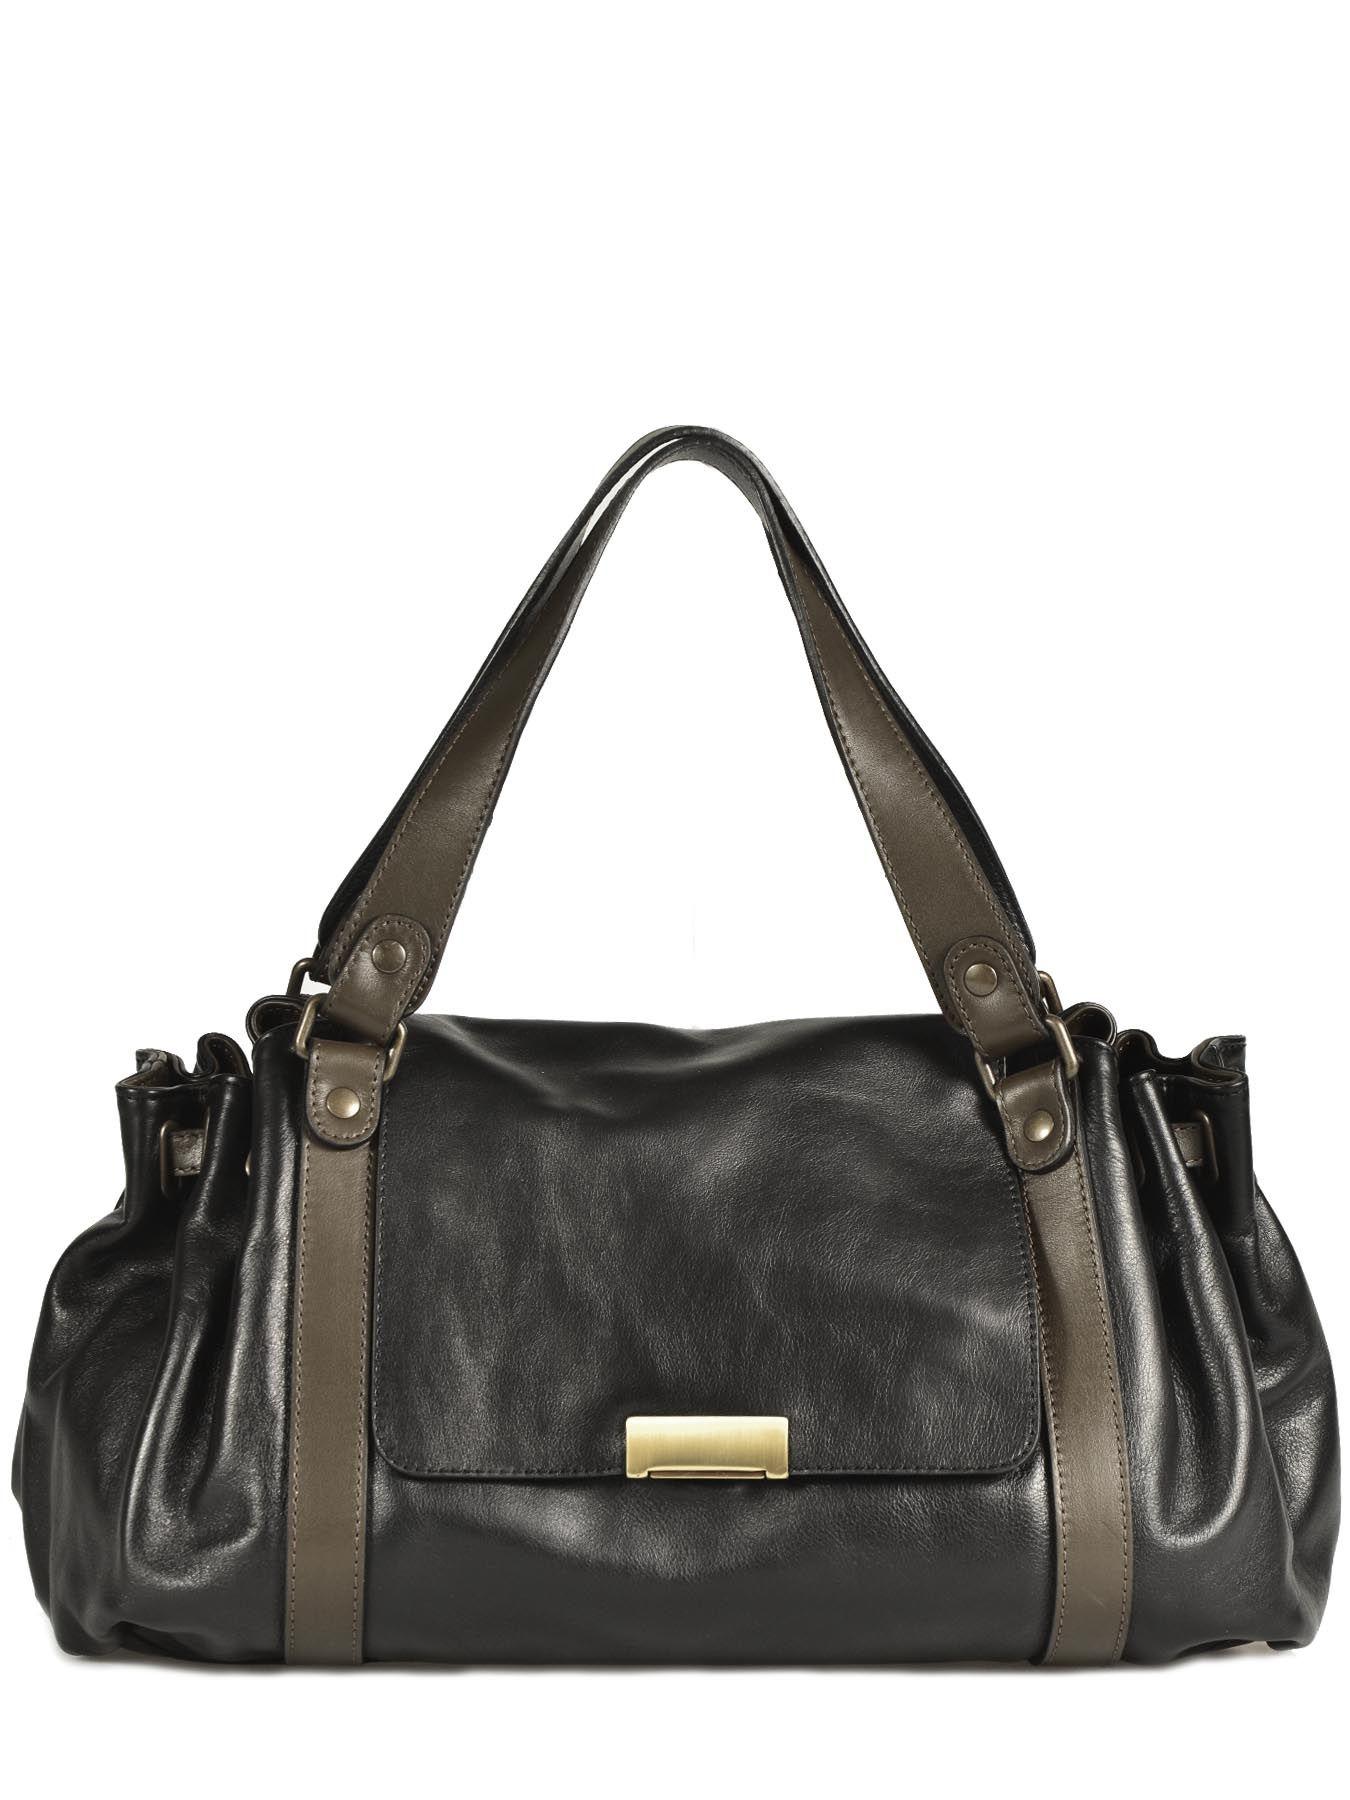 aa86fb22800c Sac à Main Gerard darel Noir bicolore 897-412   Bags   Pinterest   Bag